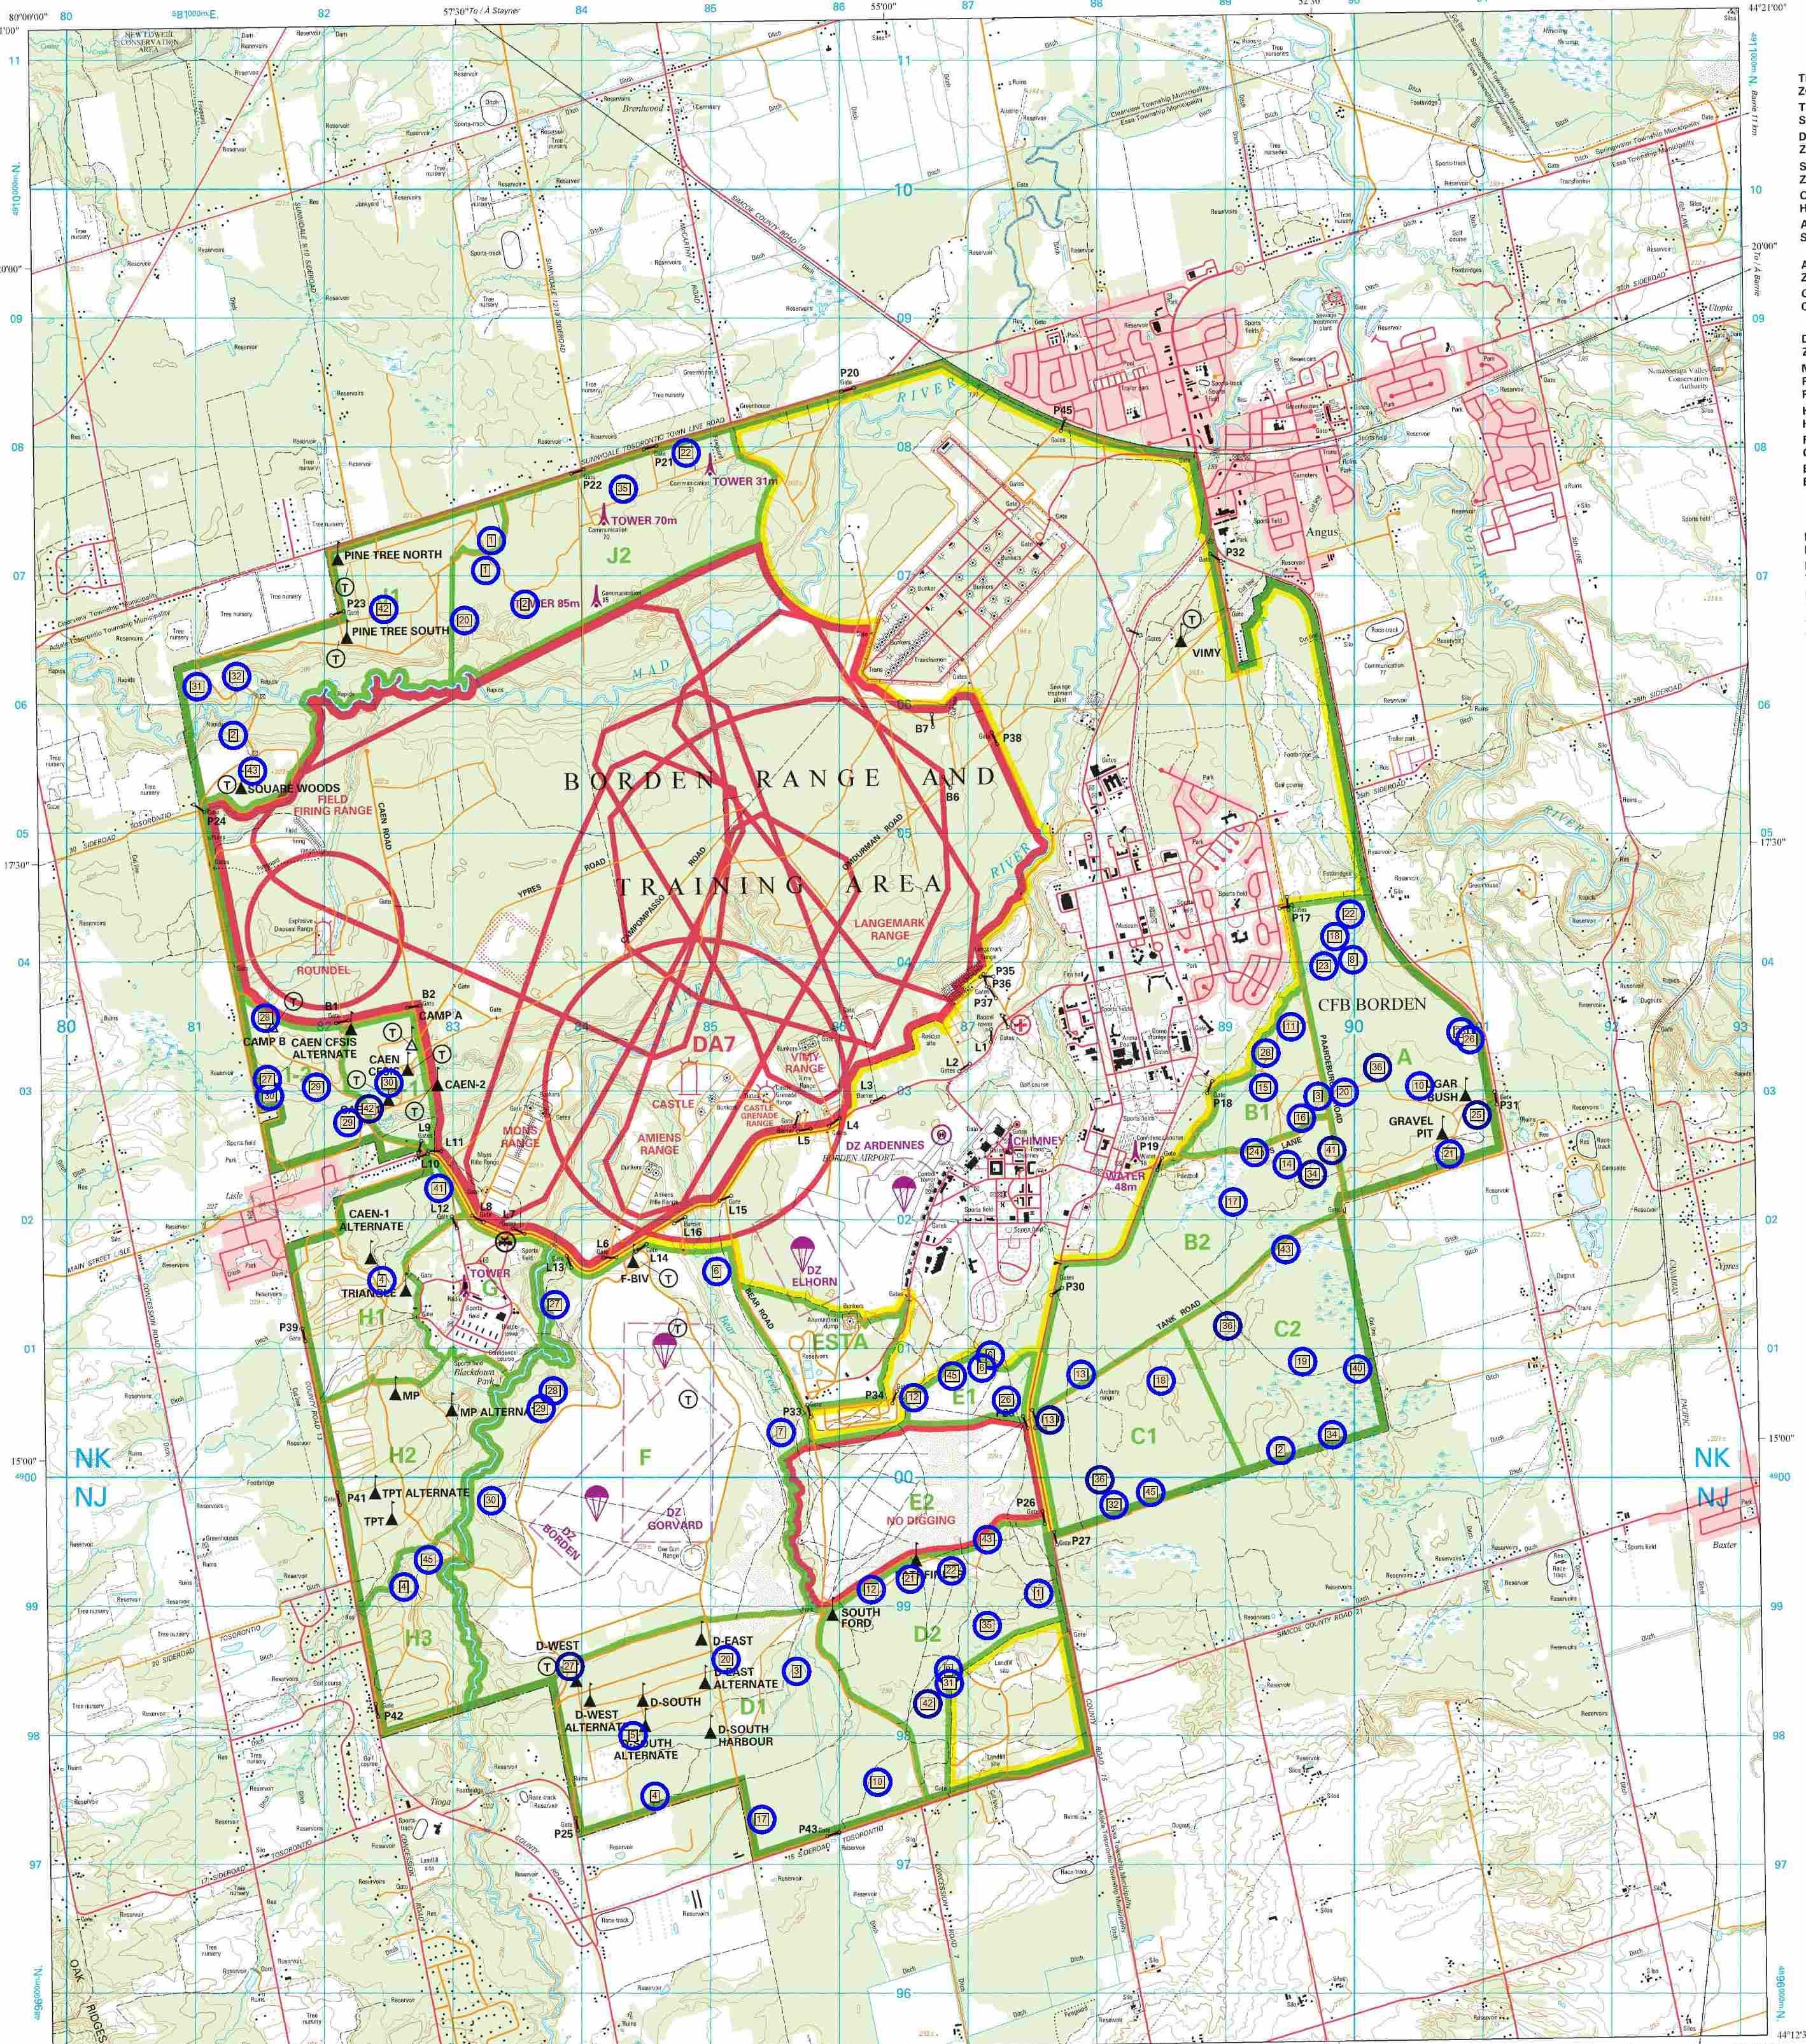 Cfb Borden Map Cfb Borden Map | compressportnederland Cfb Borden Map